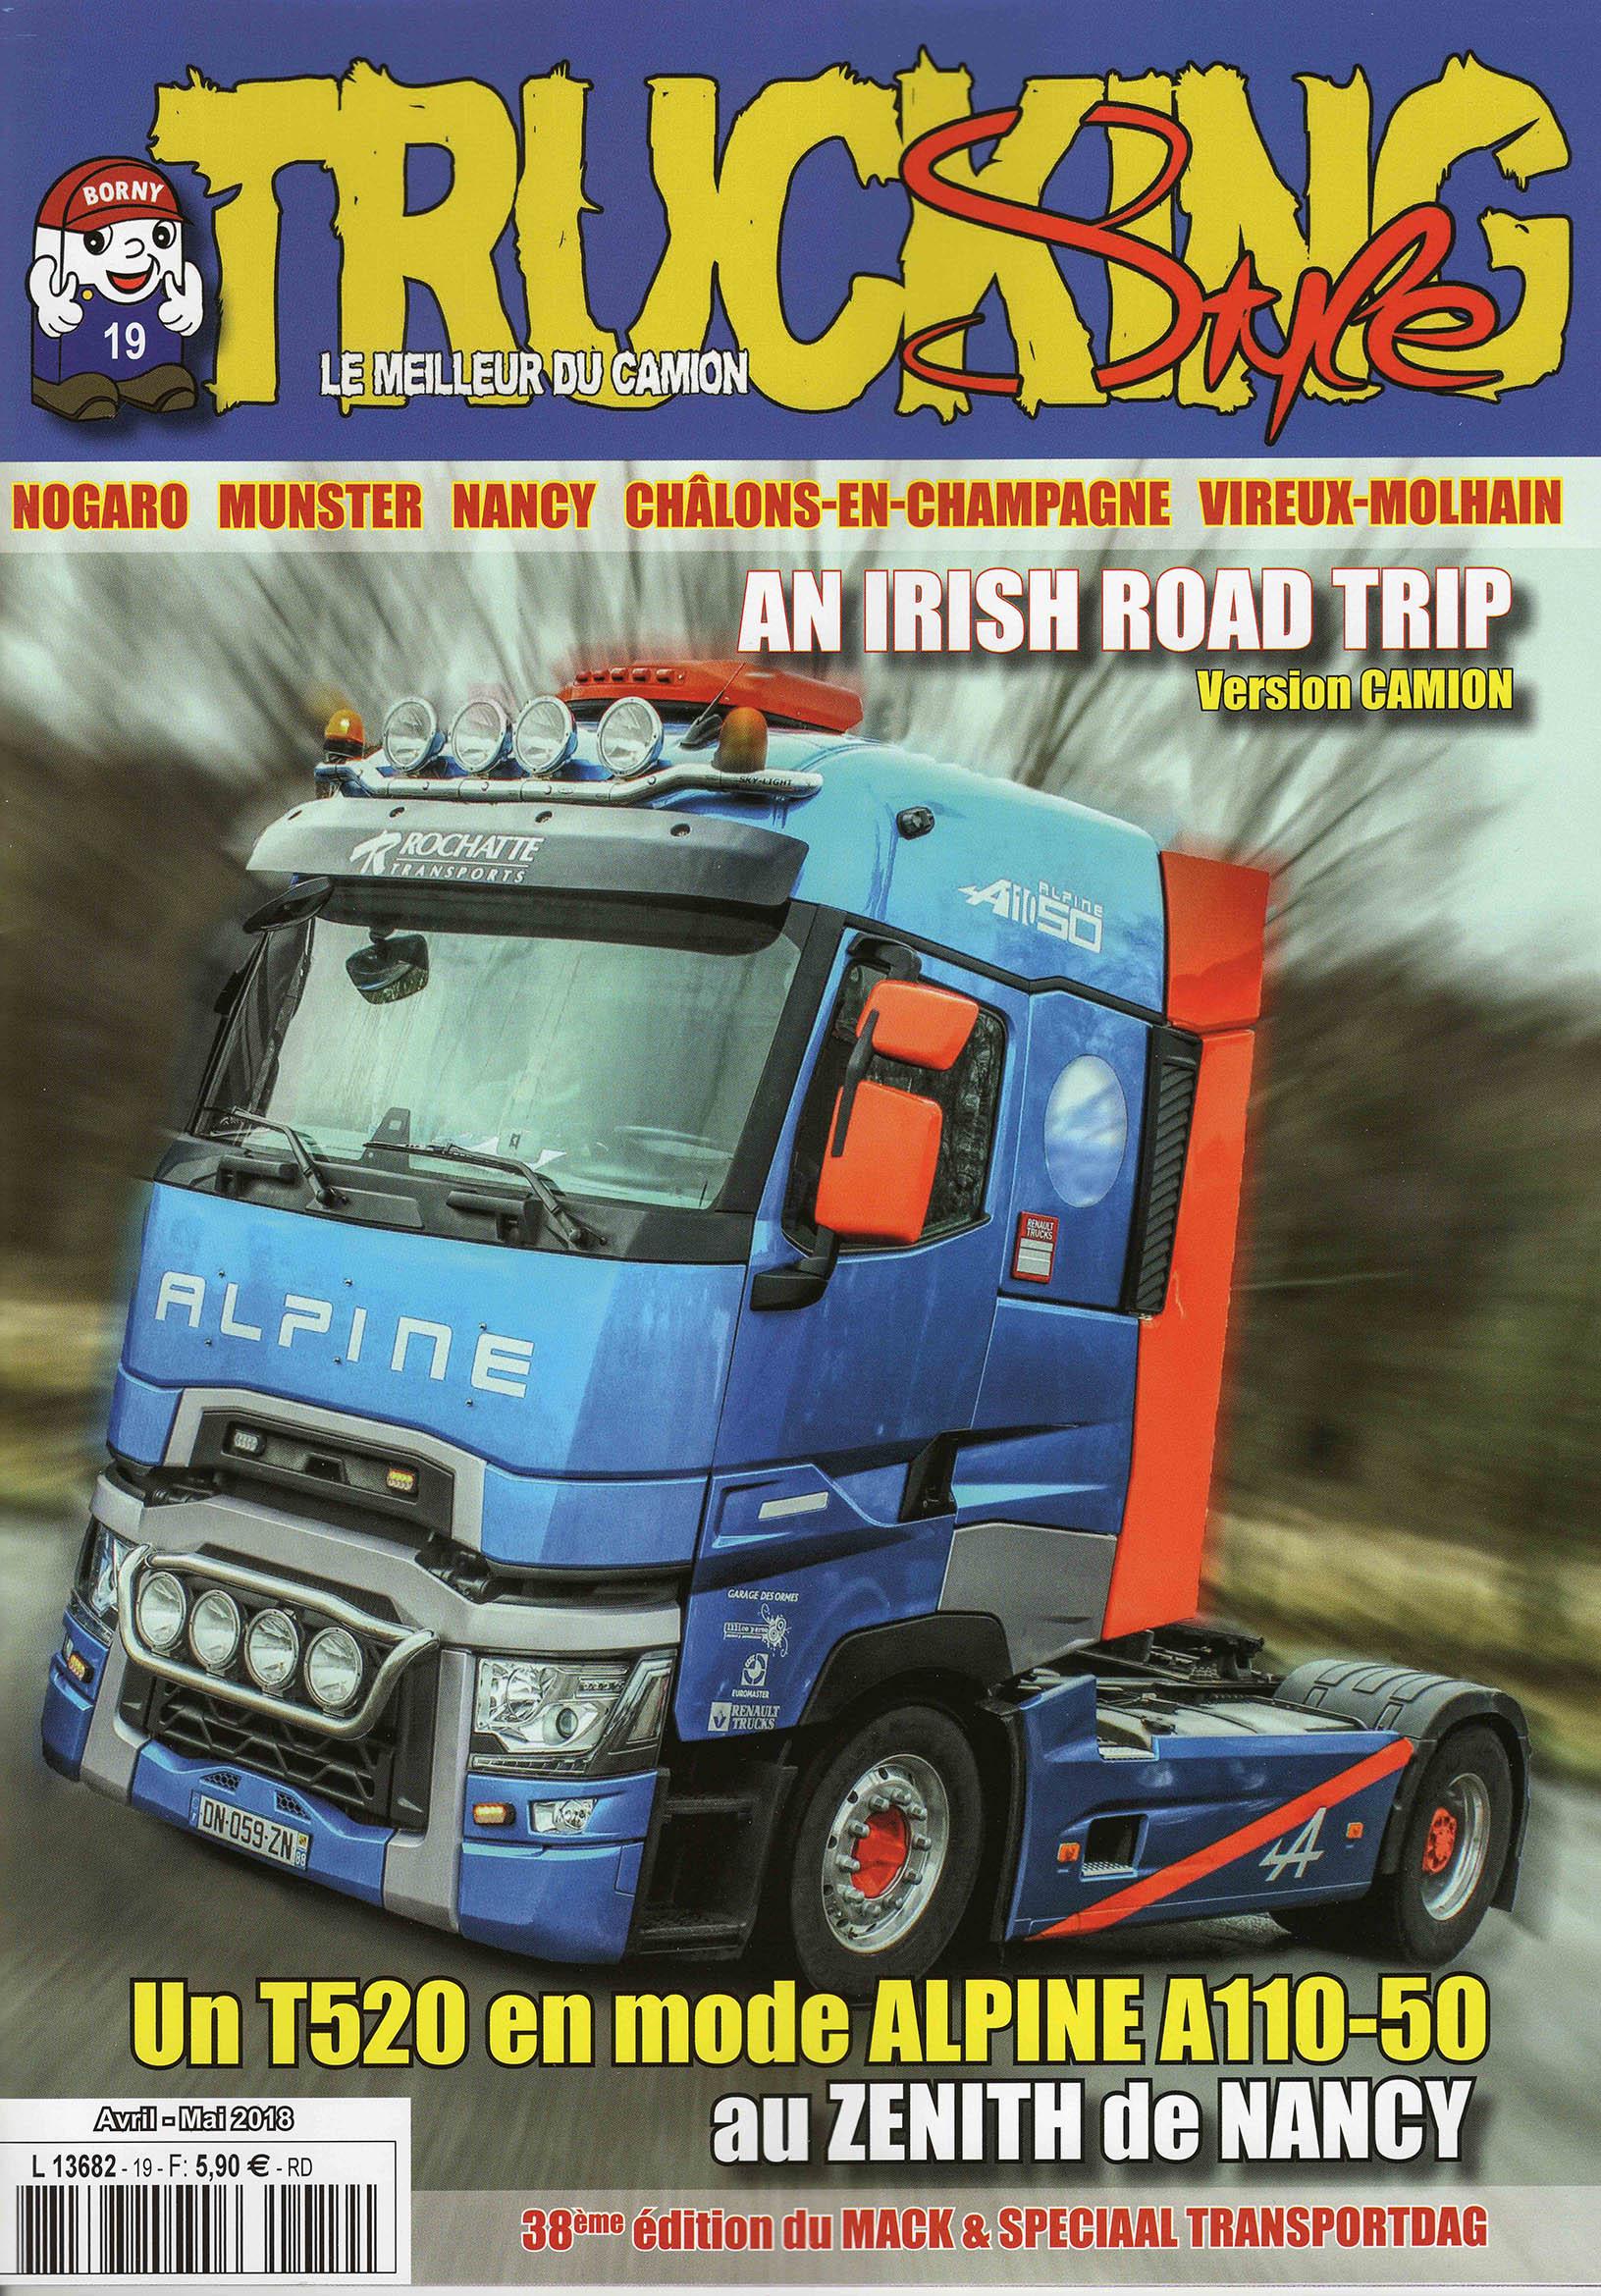 Numéro 19 de Trucking Style